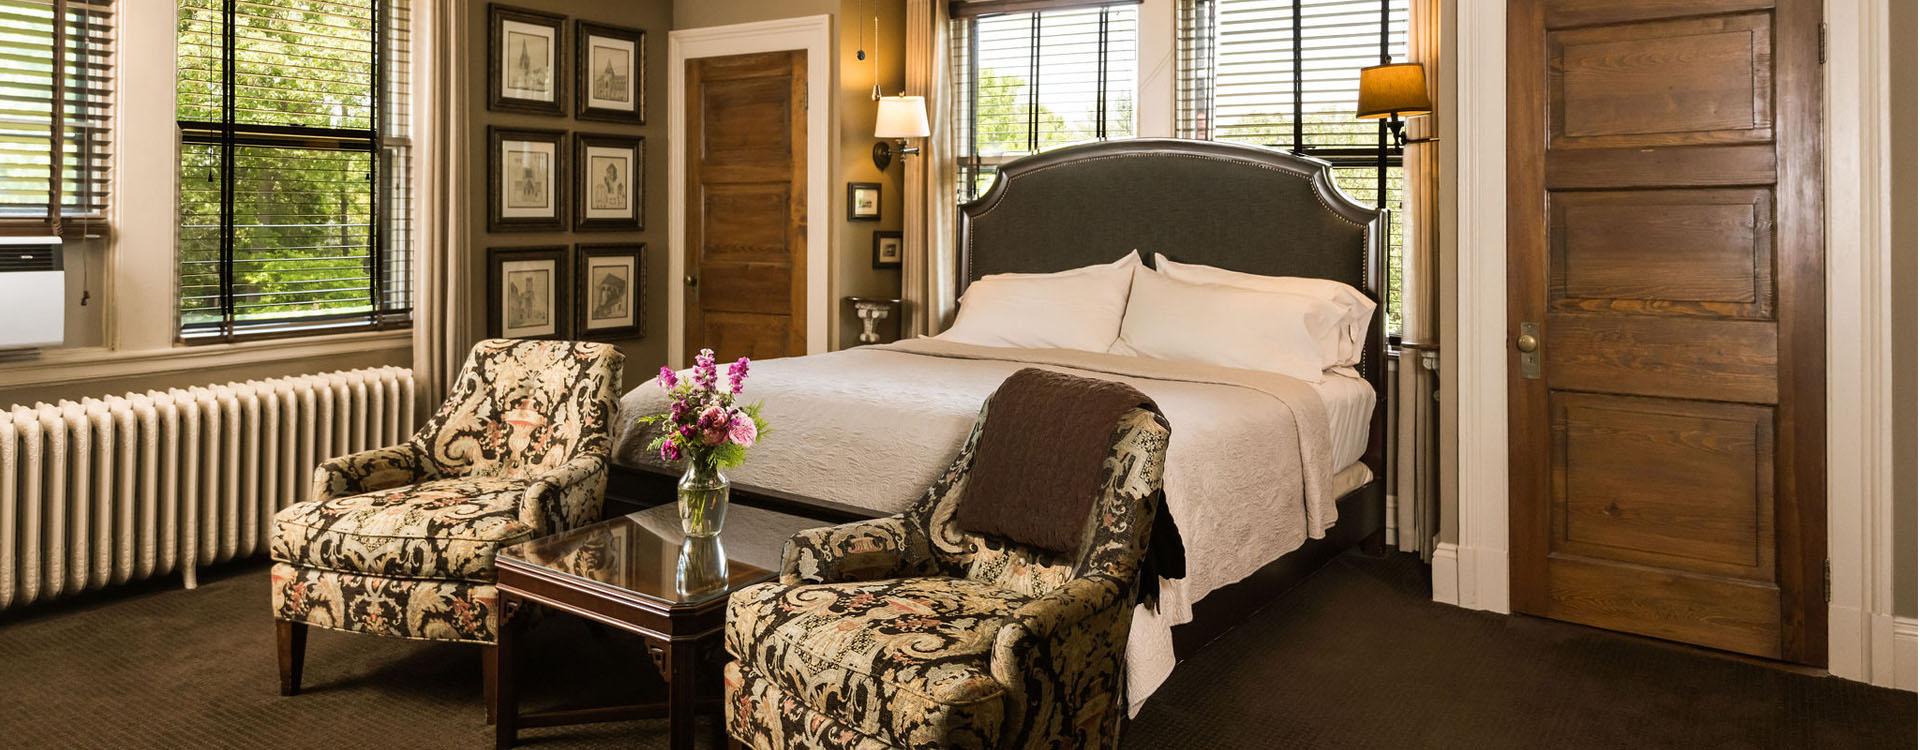 1900-inn-montford-guestroom